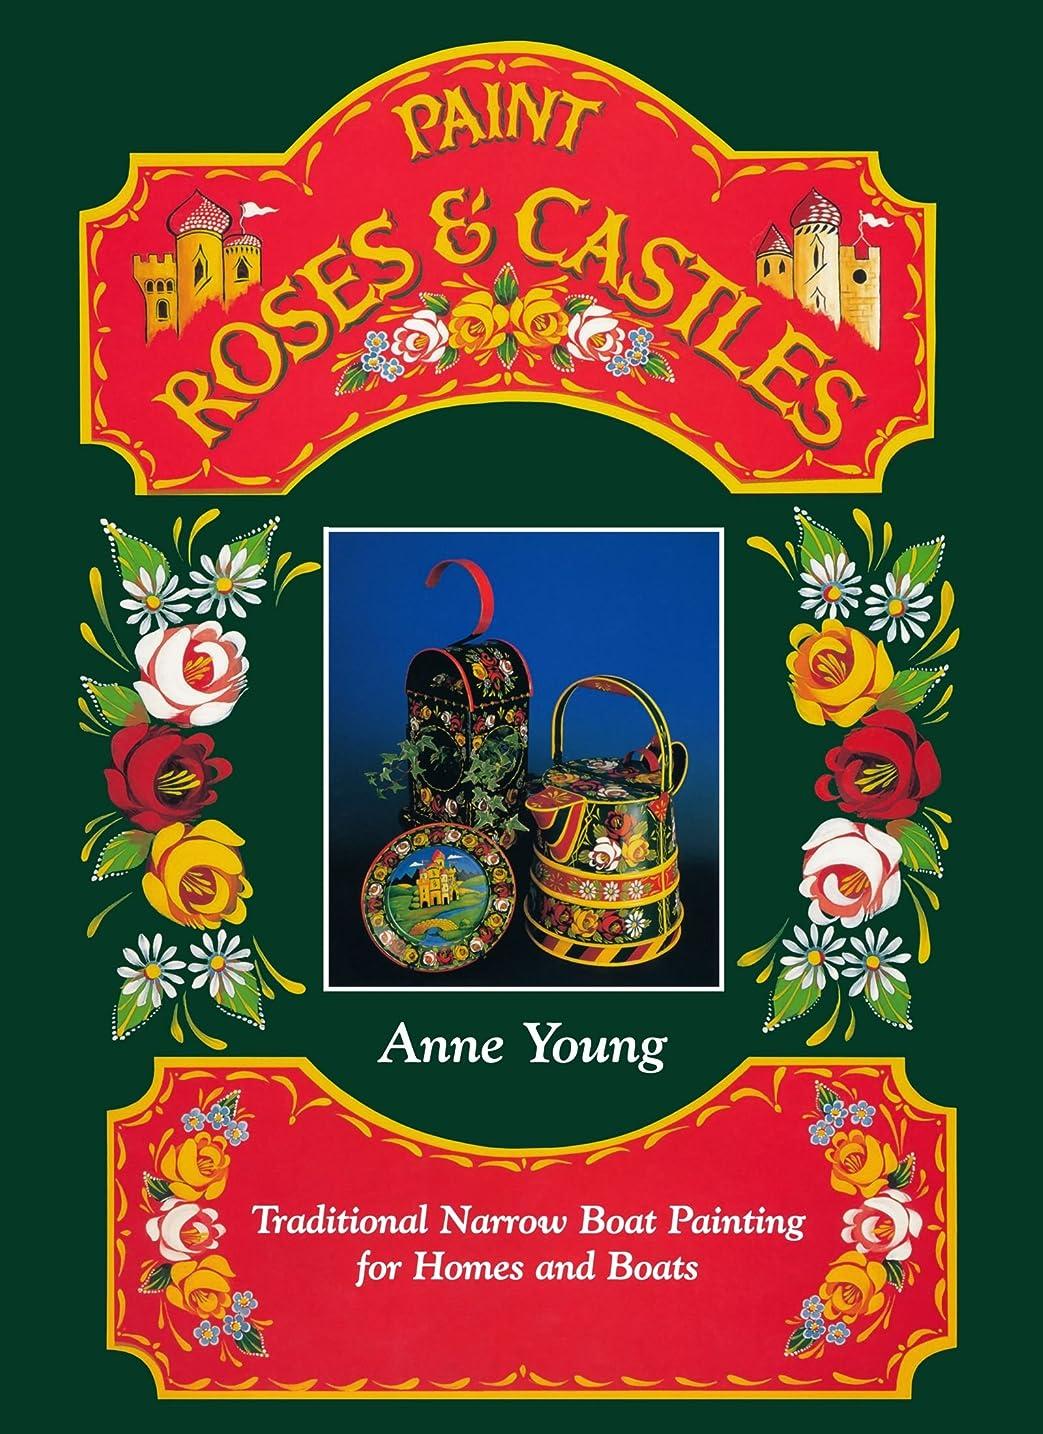 疑いアンティーク通訳Paint Roses and Castles: Traditional Narrow Boat Painting for Homes and Boats